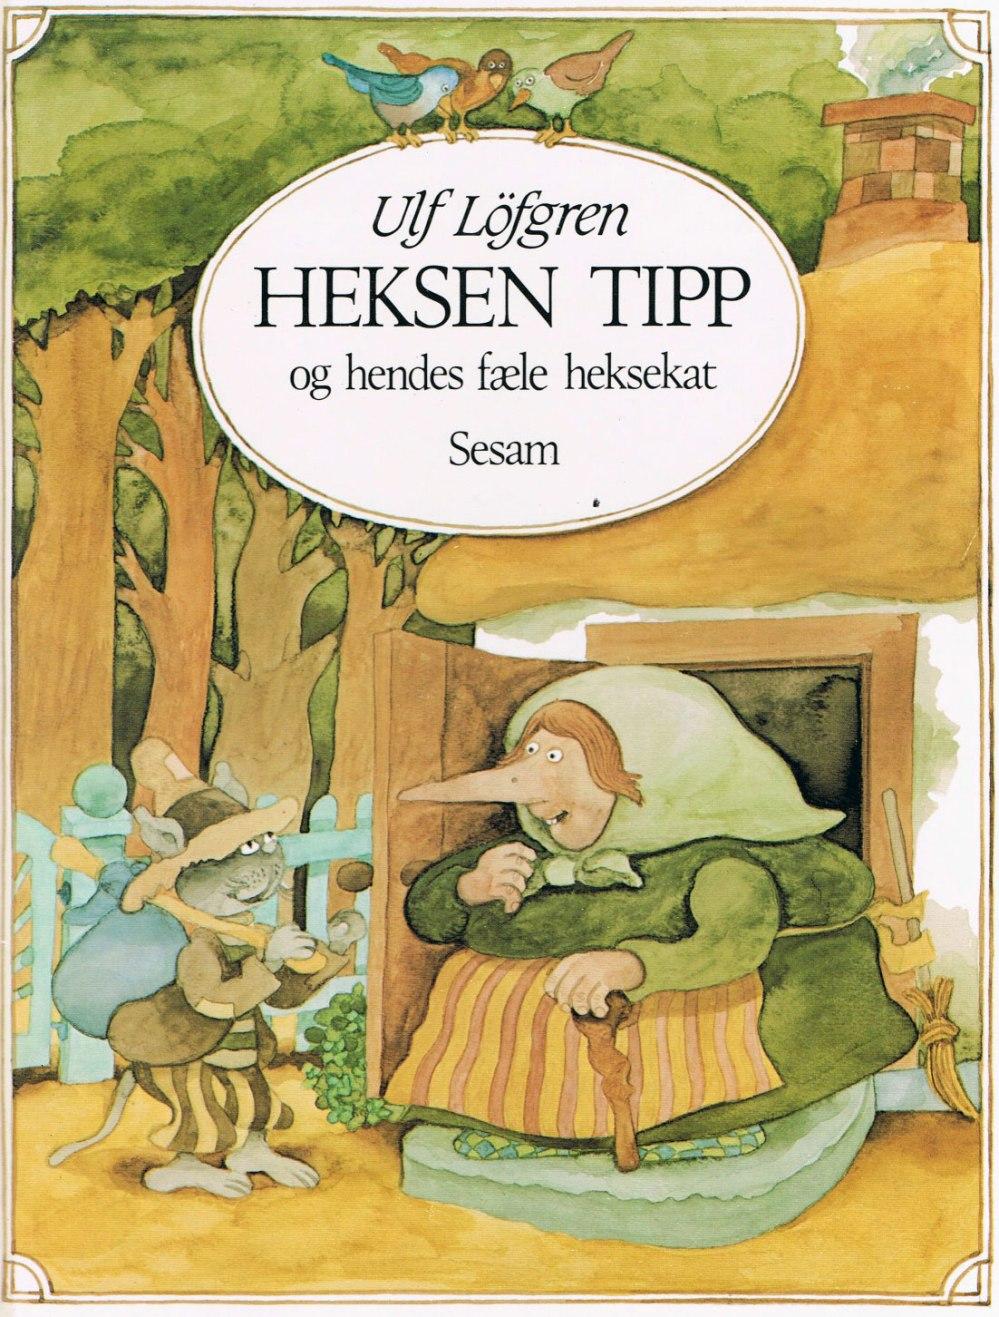 Häxan-Tipp